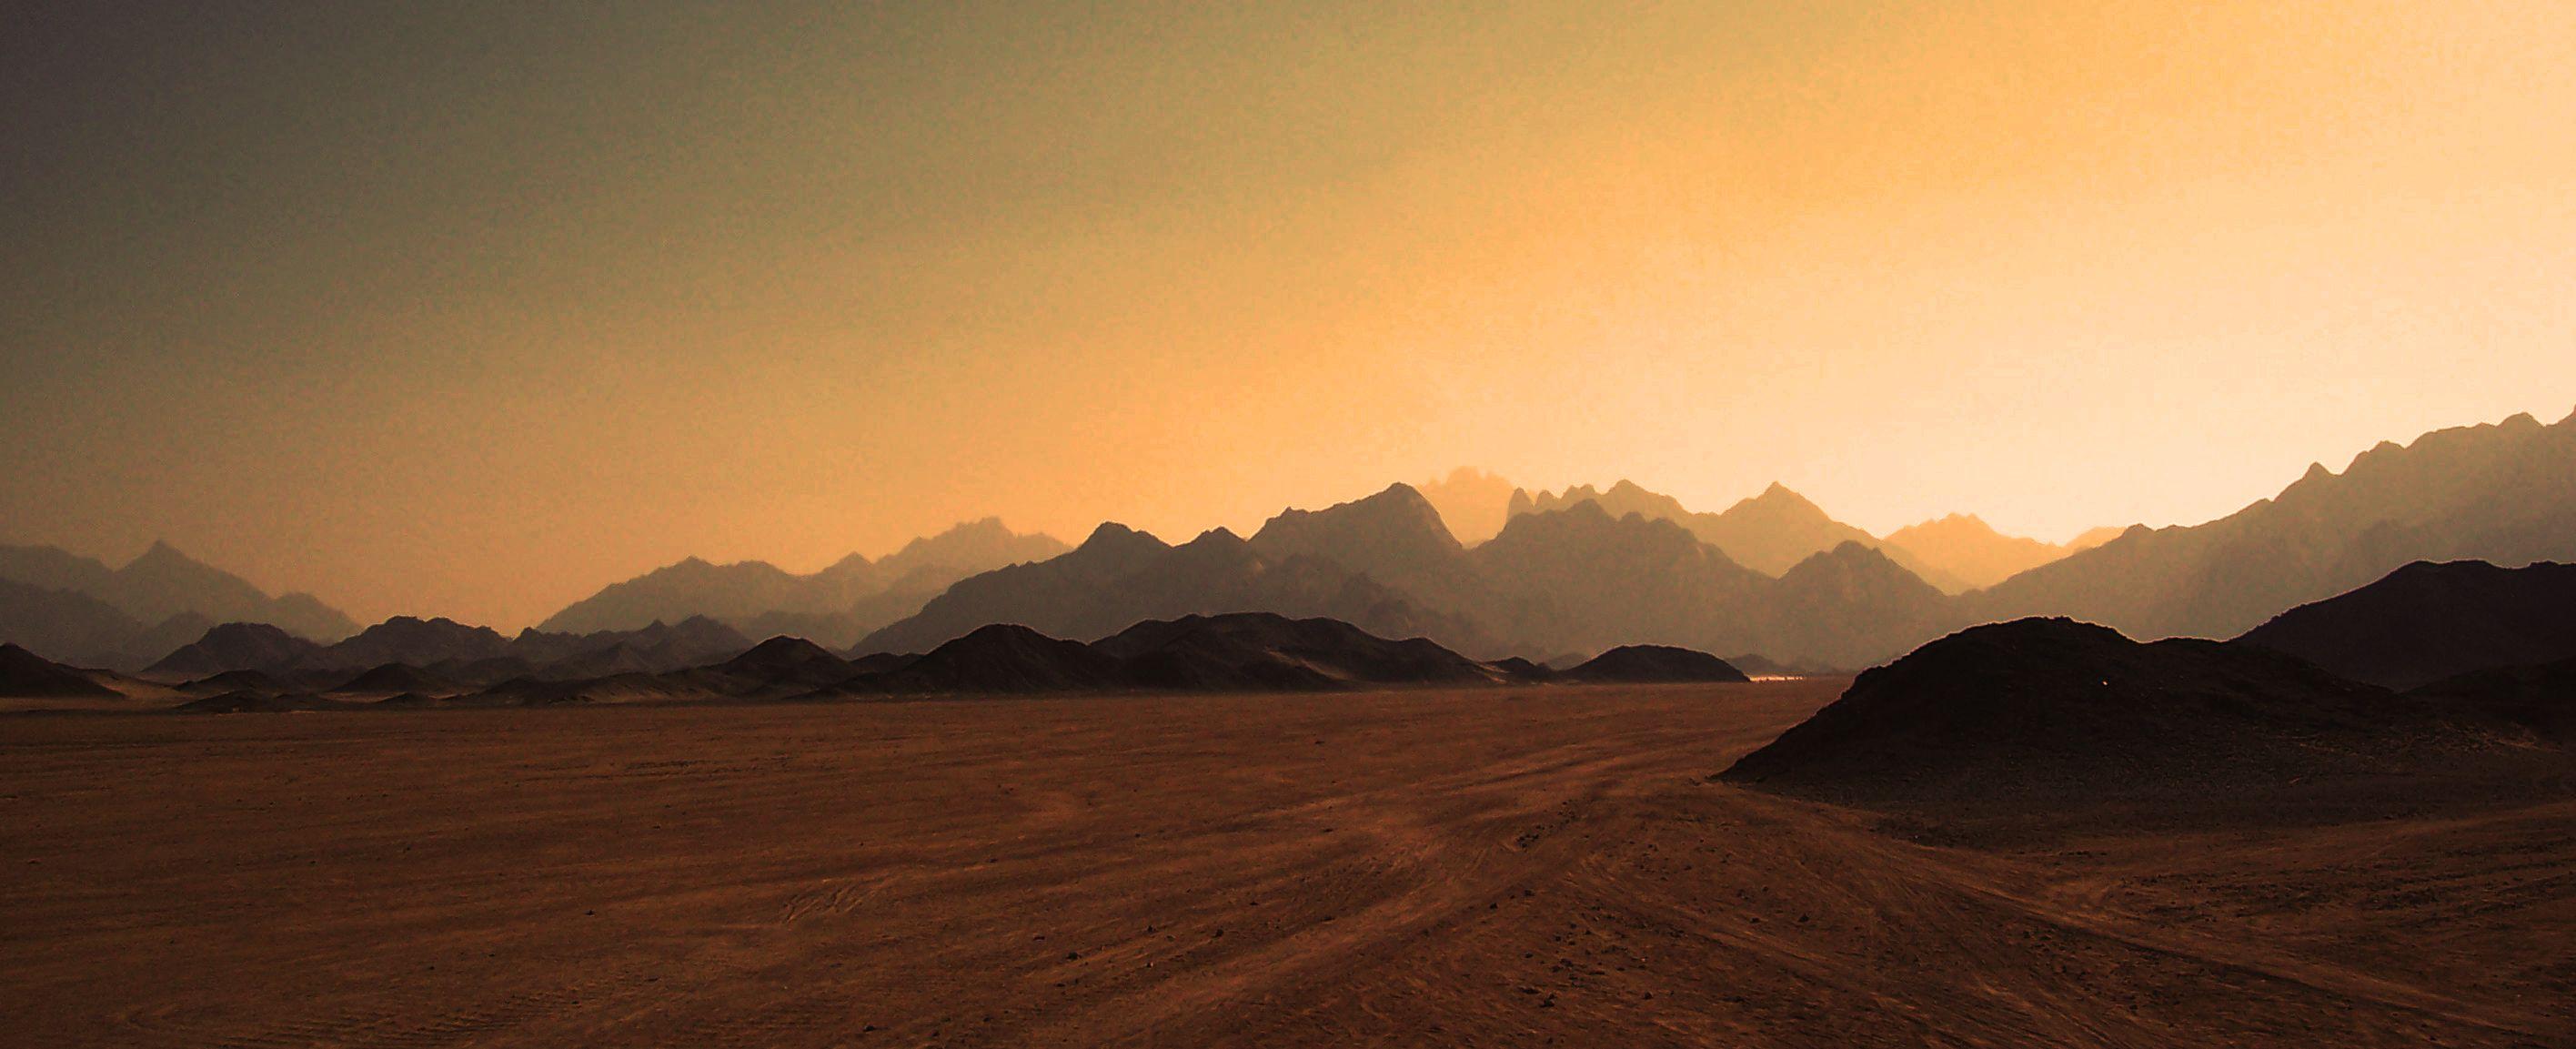 Black And White Desert Egypt Egypt Desert Mountains Egypt Map